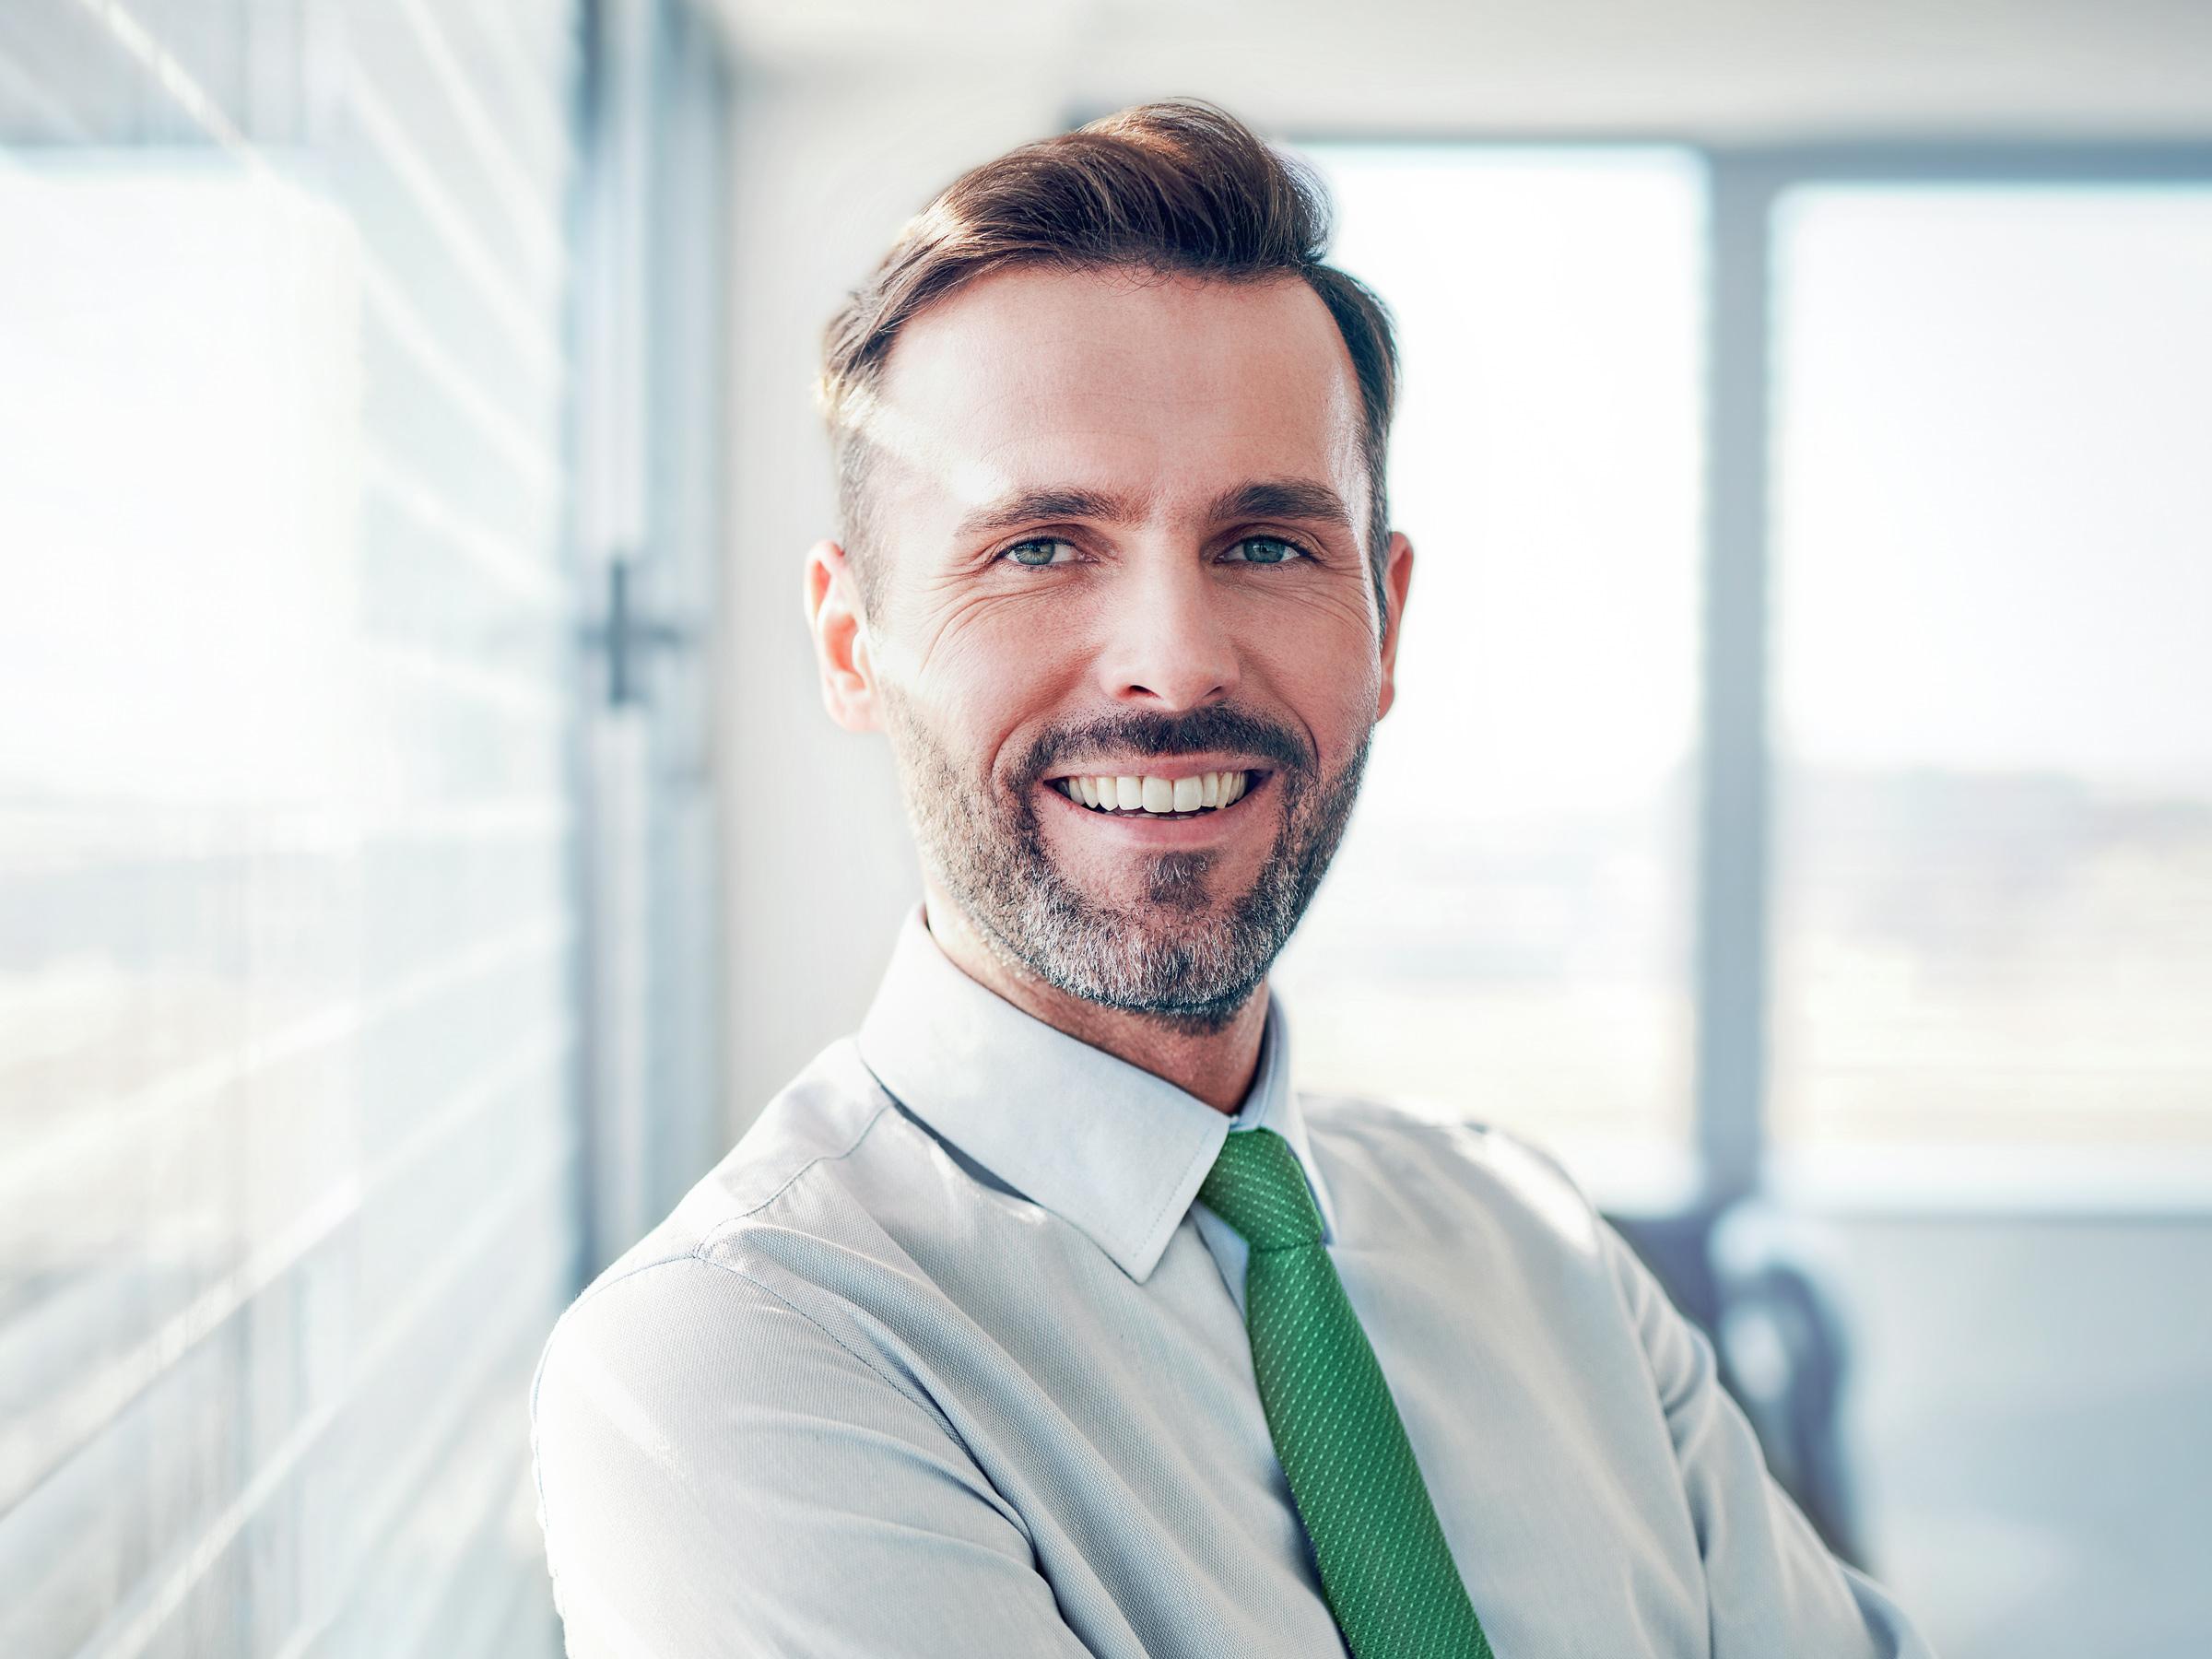 Zakelijke beleggingsrekening: De rekening voor zakelijke beleggers